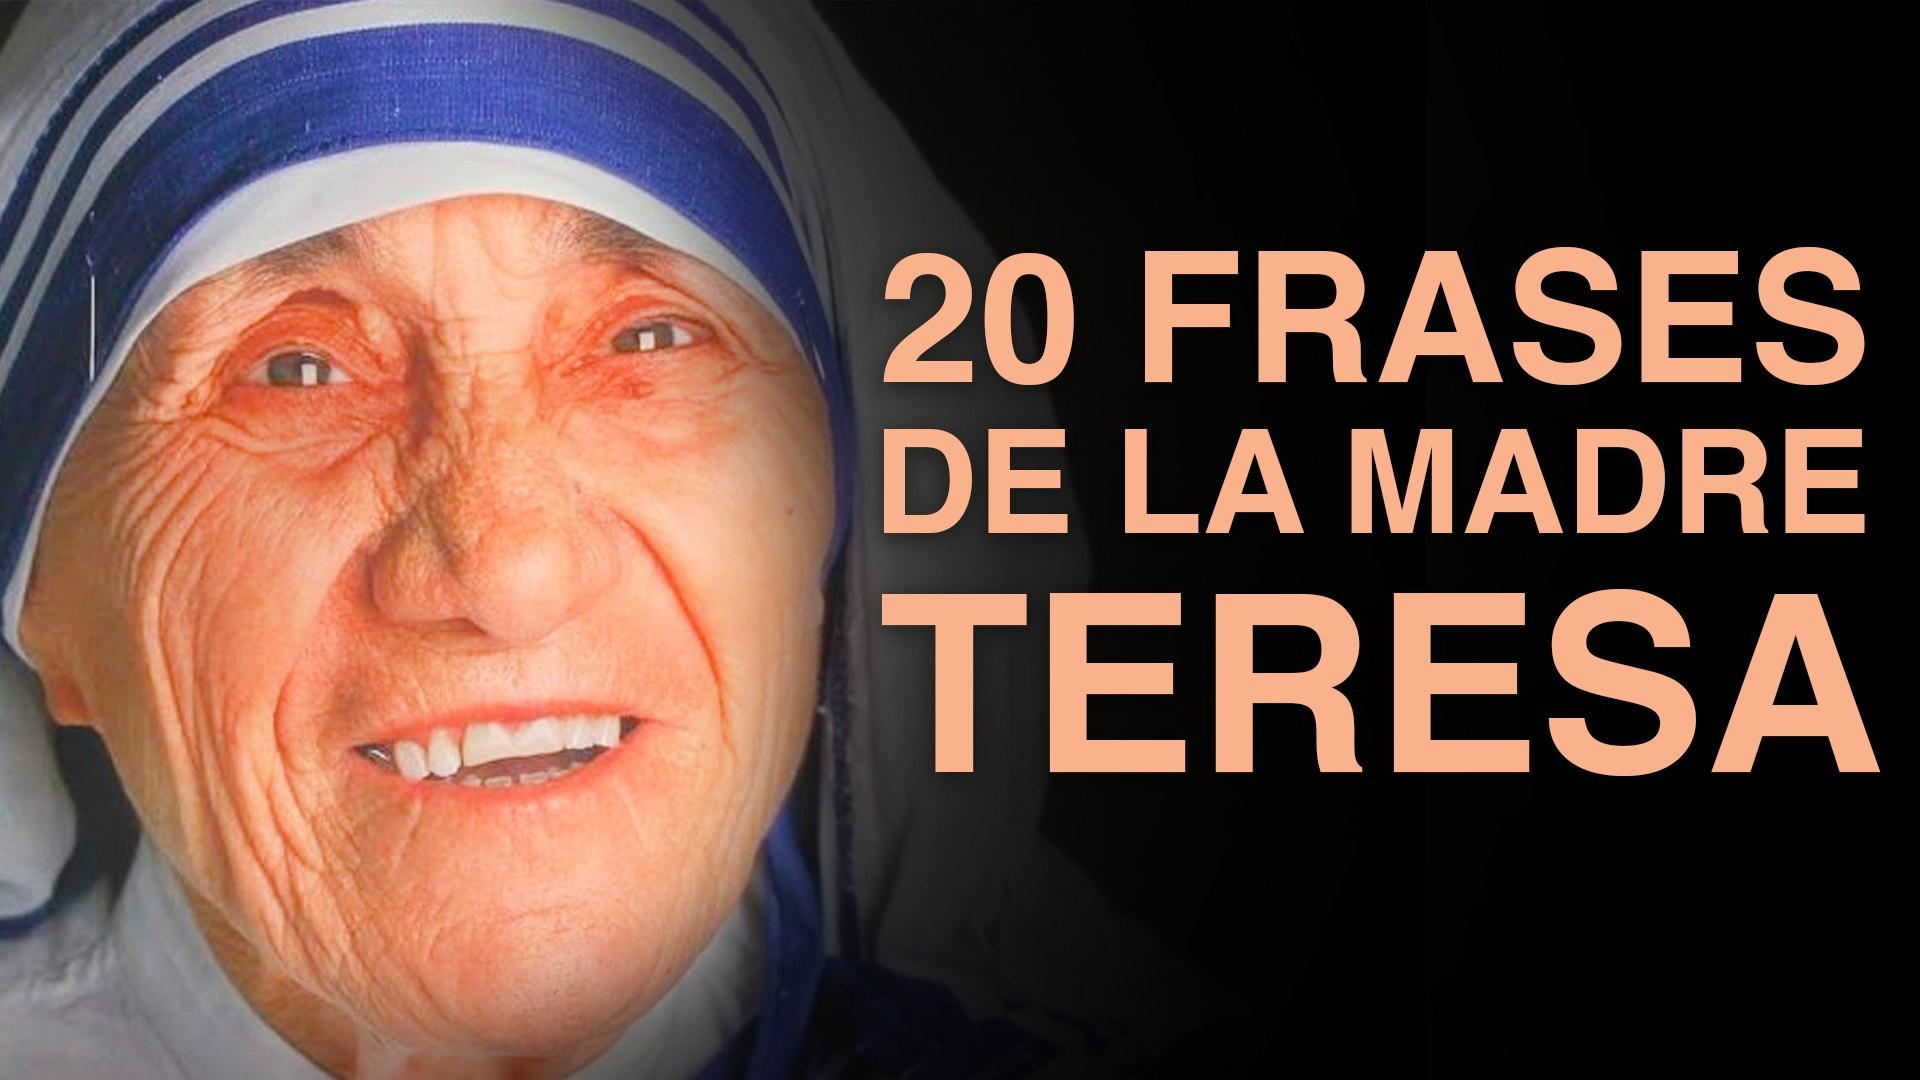 20 Frases De La Madre Teresa De Calcuta Para Un Mundo Mejor